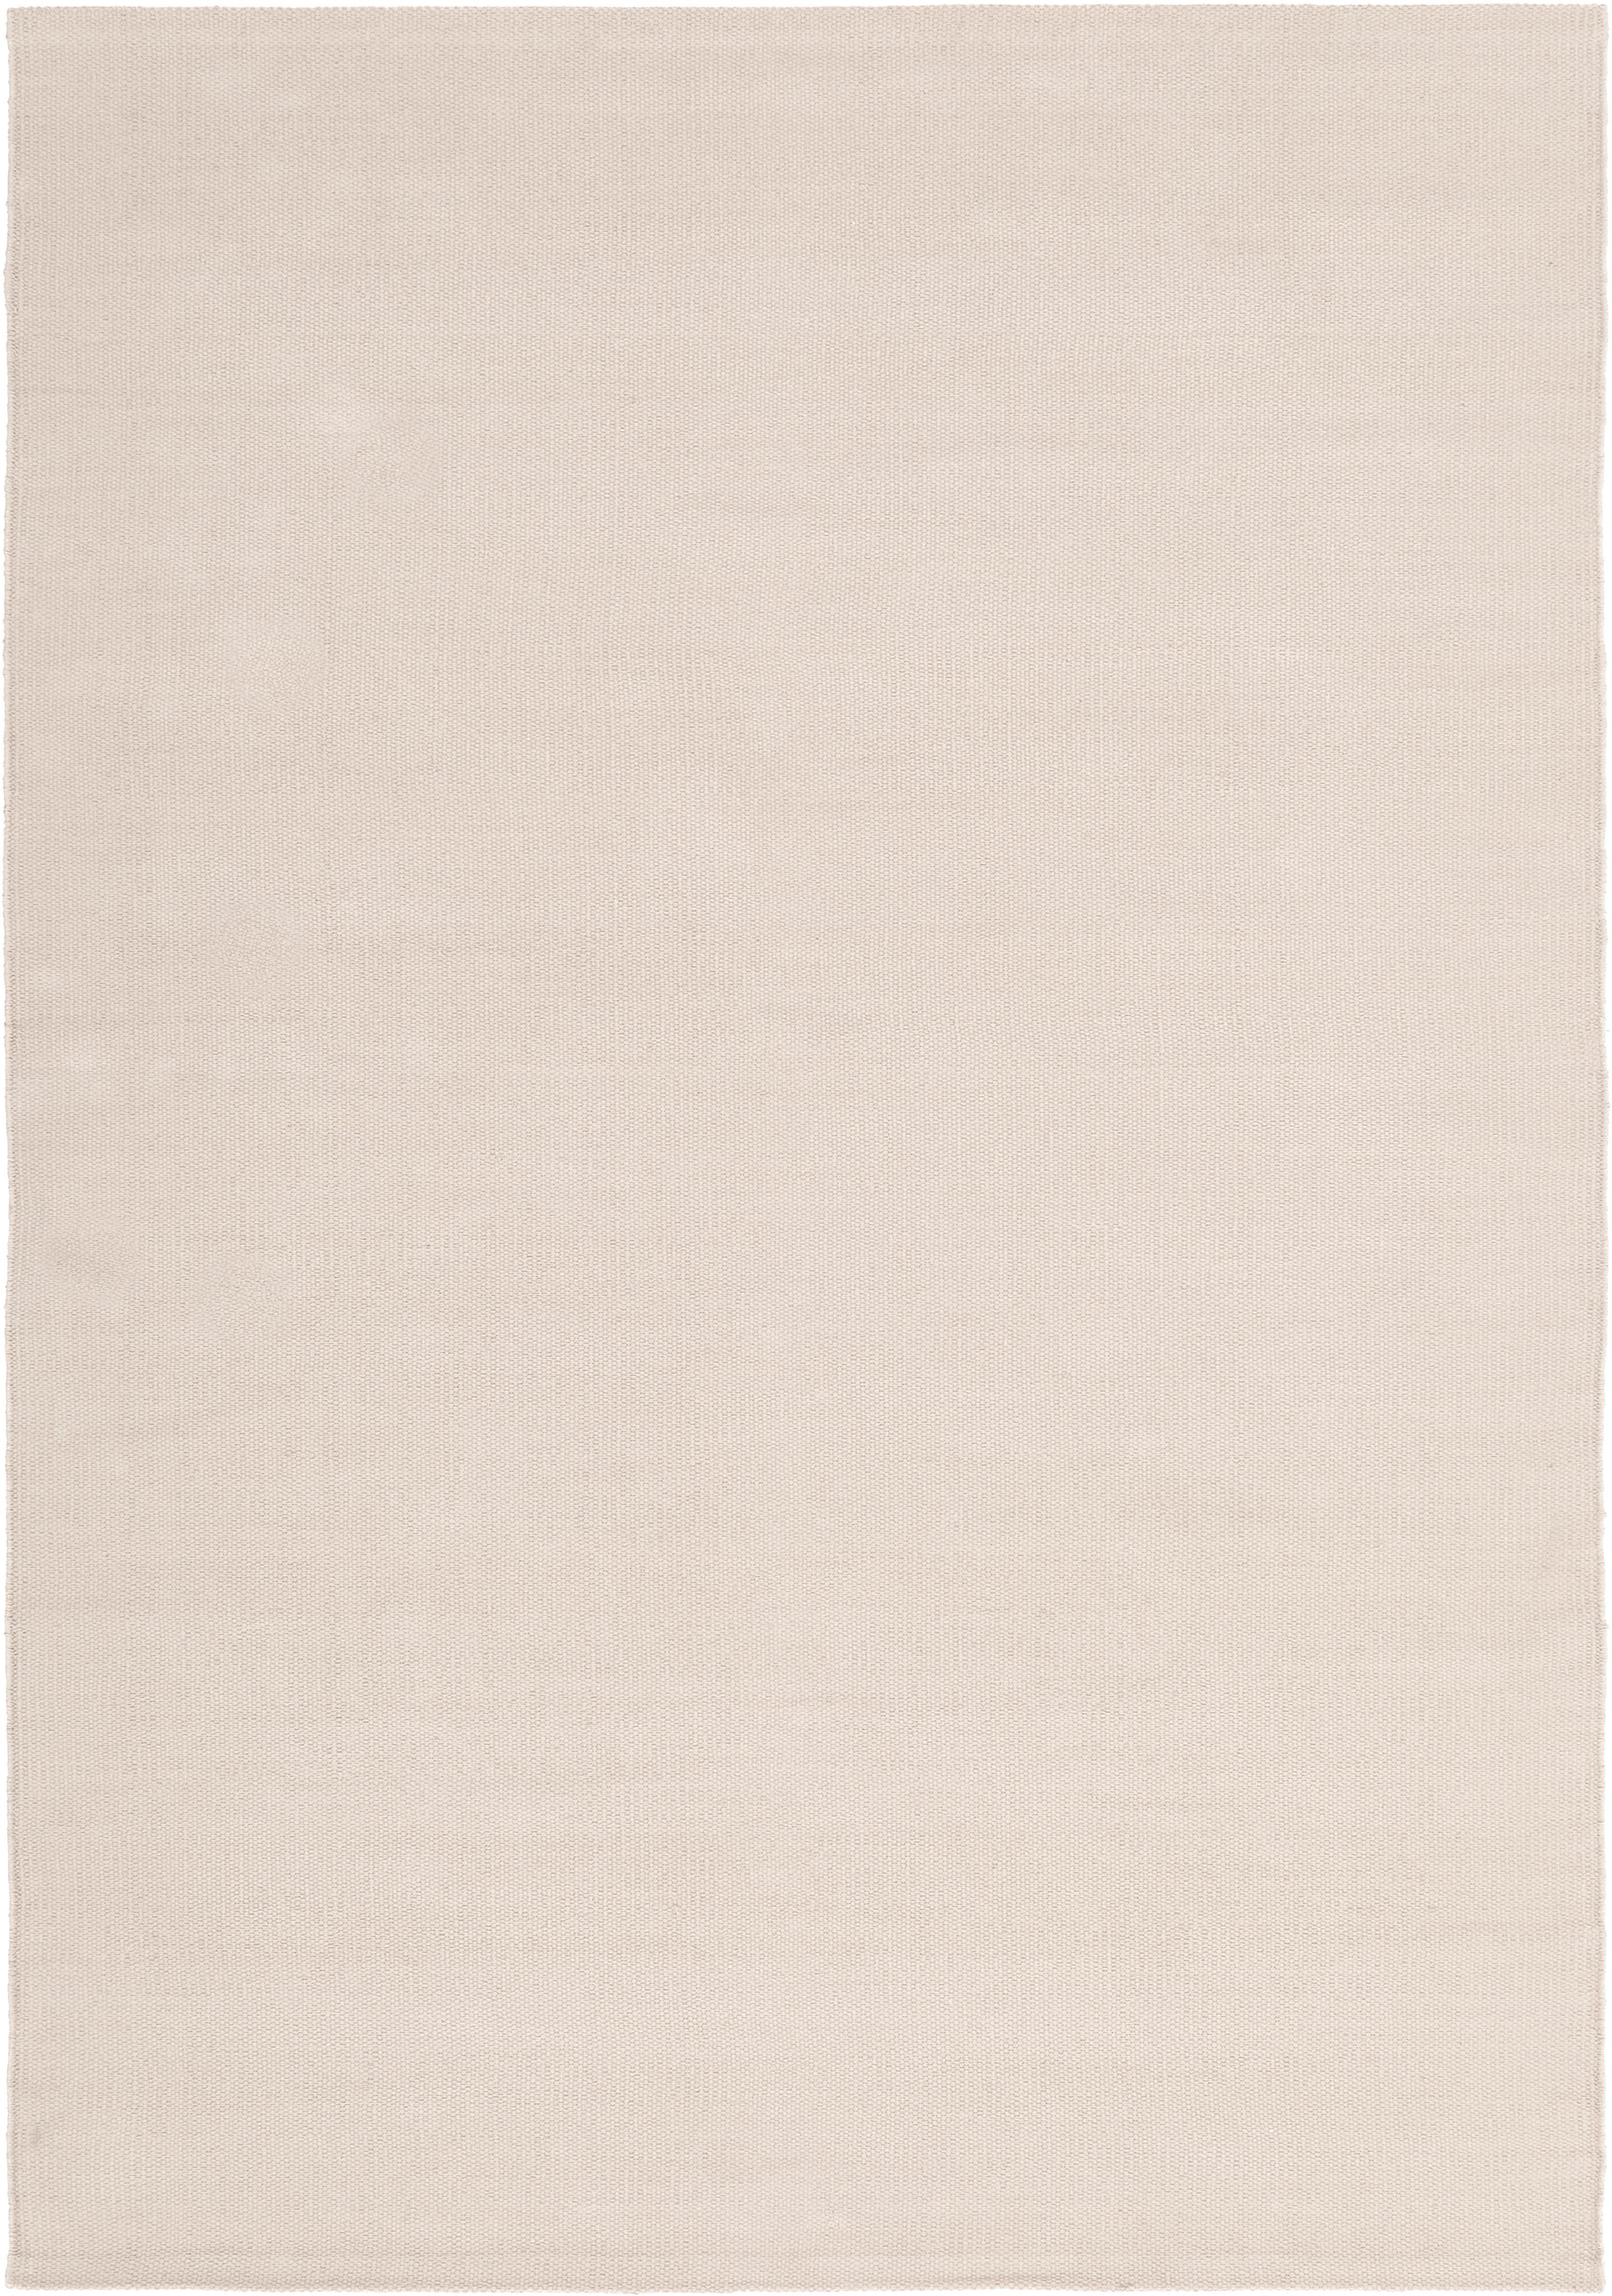 Ręcznie tkany dywan z bawełny Agneta, Bawełna, Beżowy, S 160 x D 230 cm (Rozmiar M)